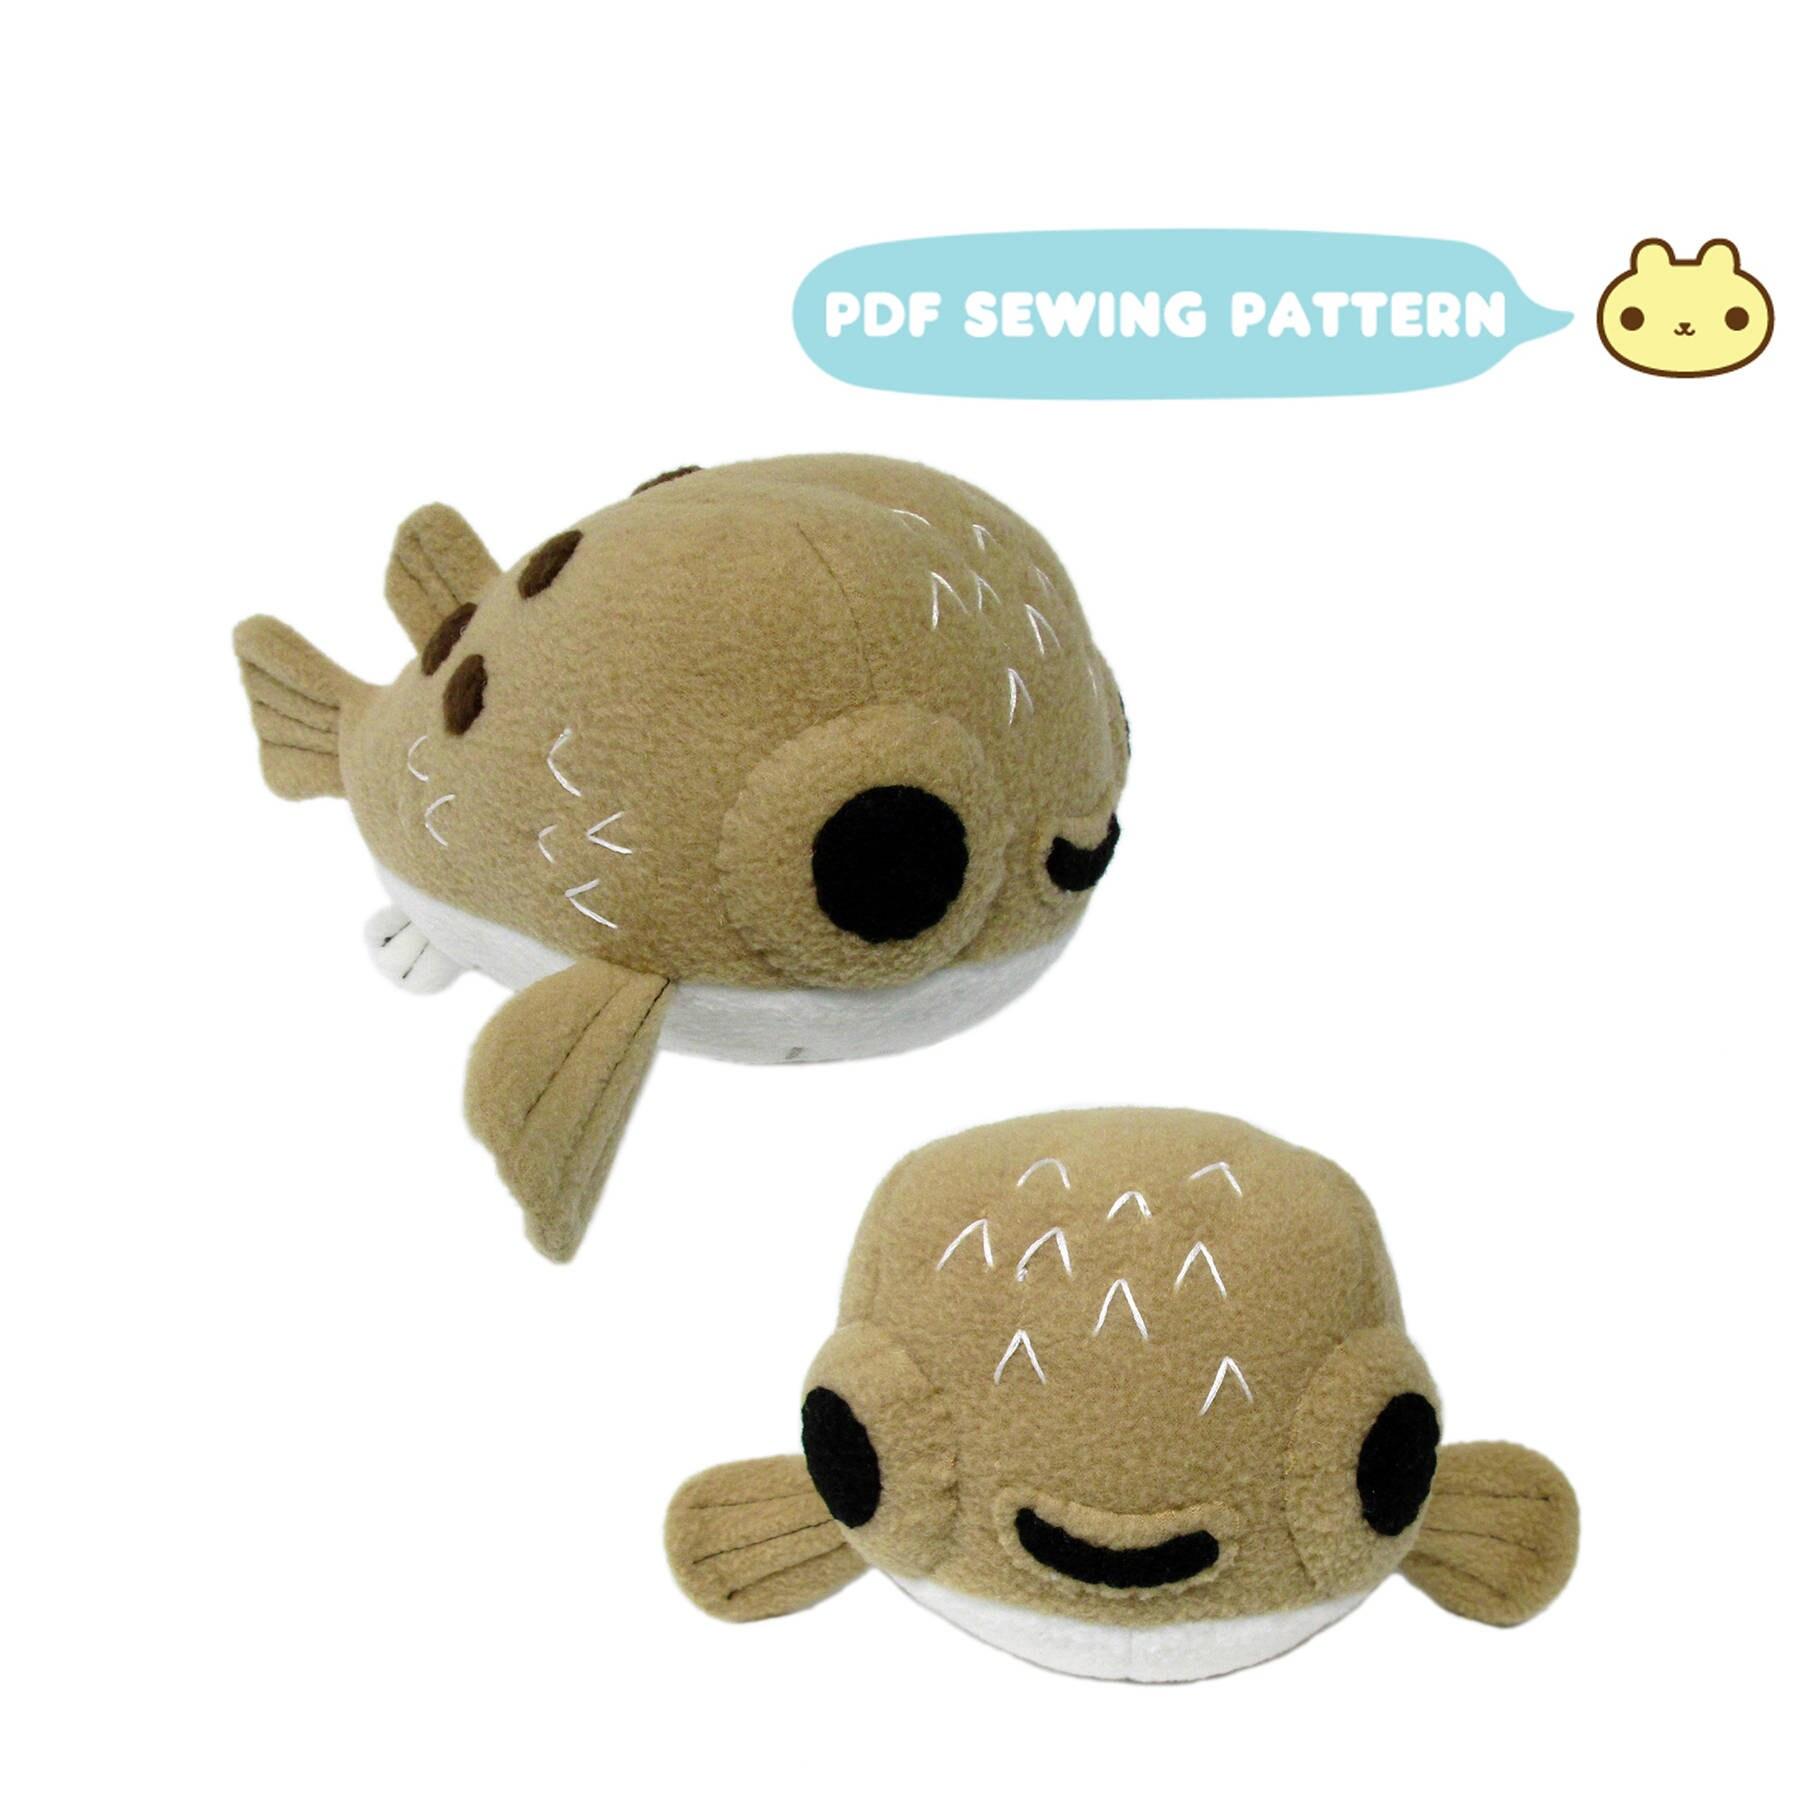 Stuffed animal pattern plush sewing pattern puffer fish pattern this is a digital file jeuxipadfo Image collections